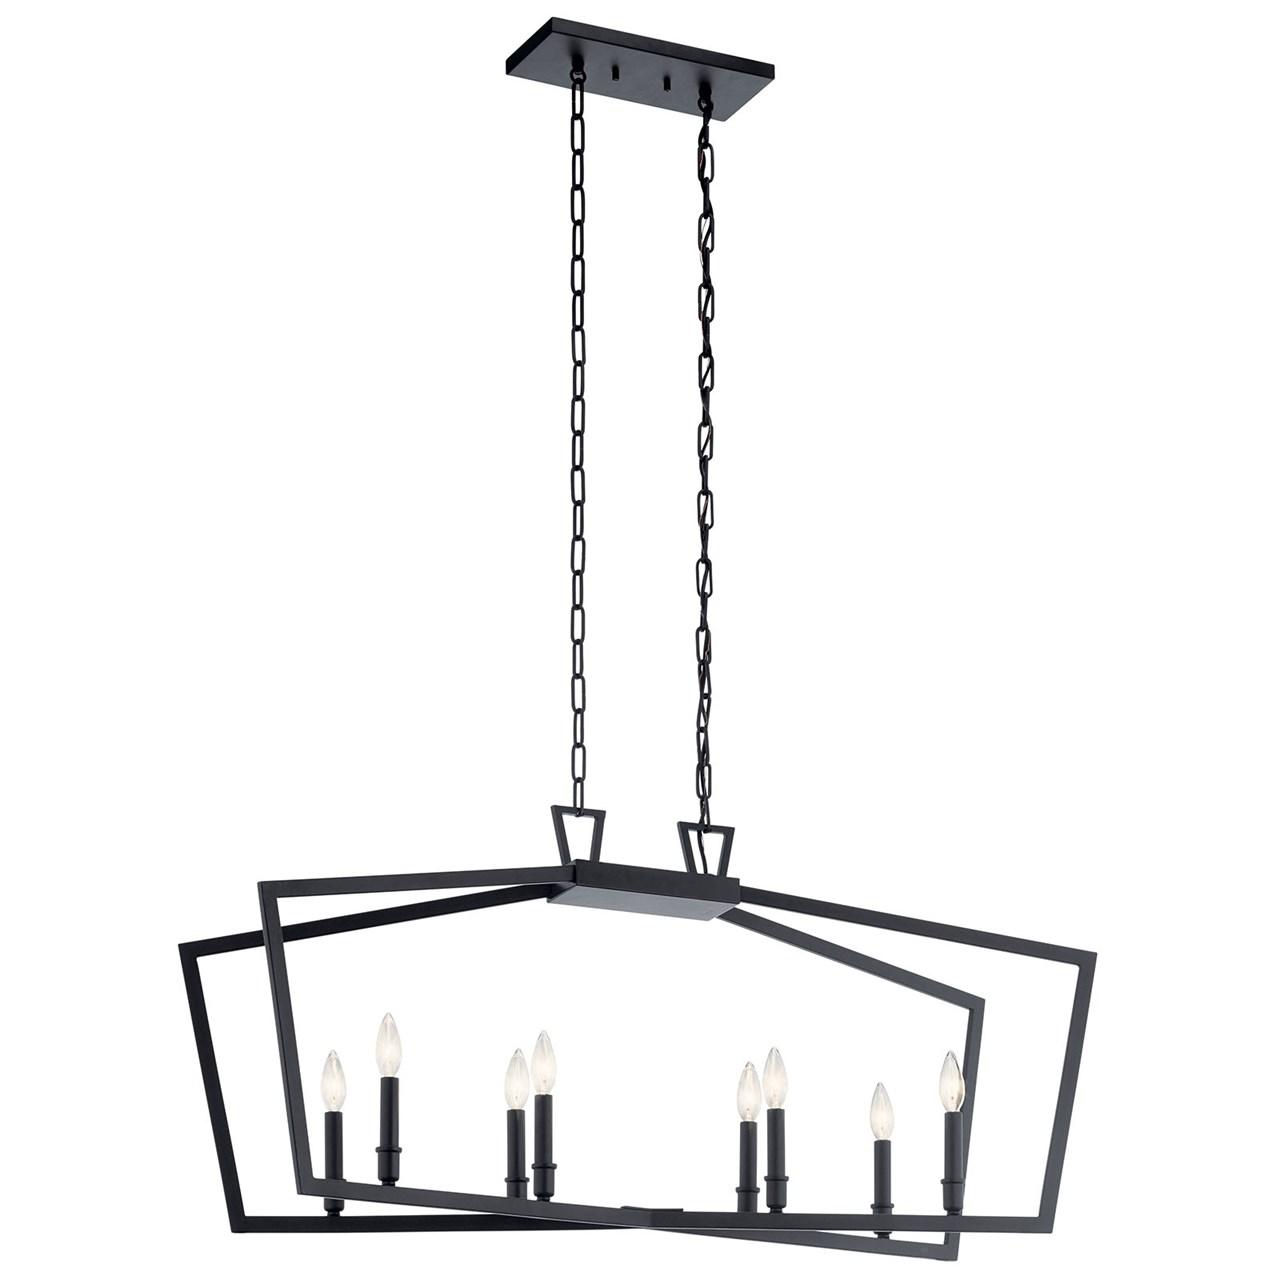 Www Kichler: Abbotswell™ 8 Light Linear Chandelier Black